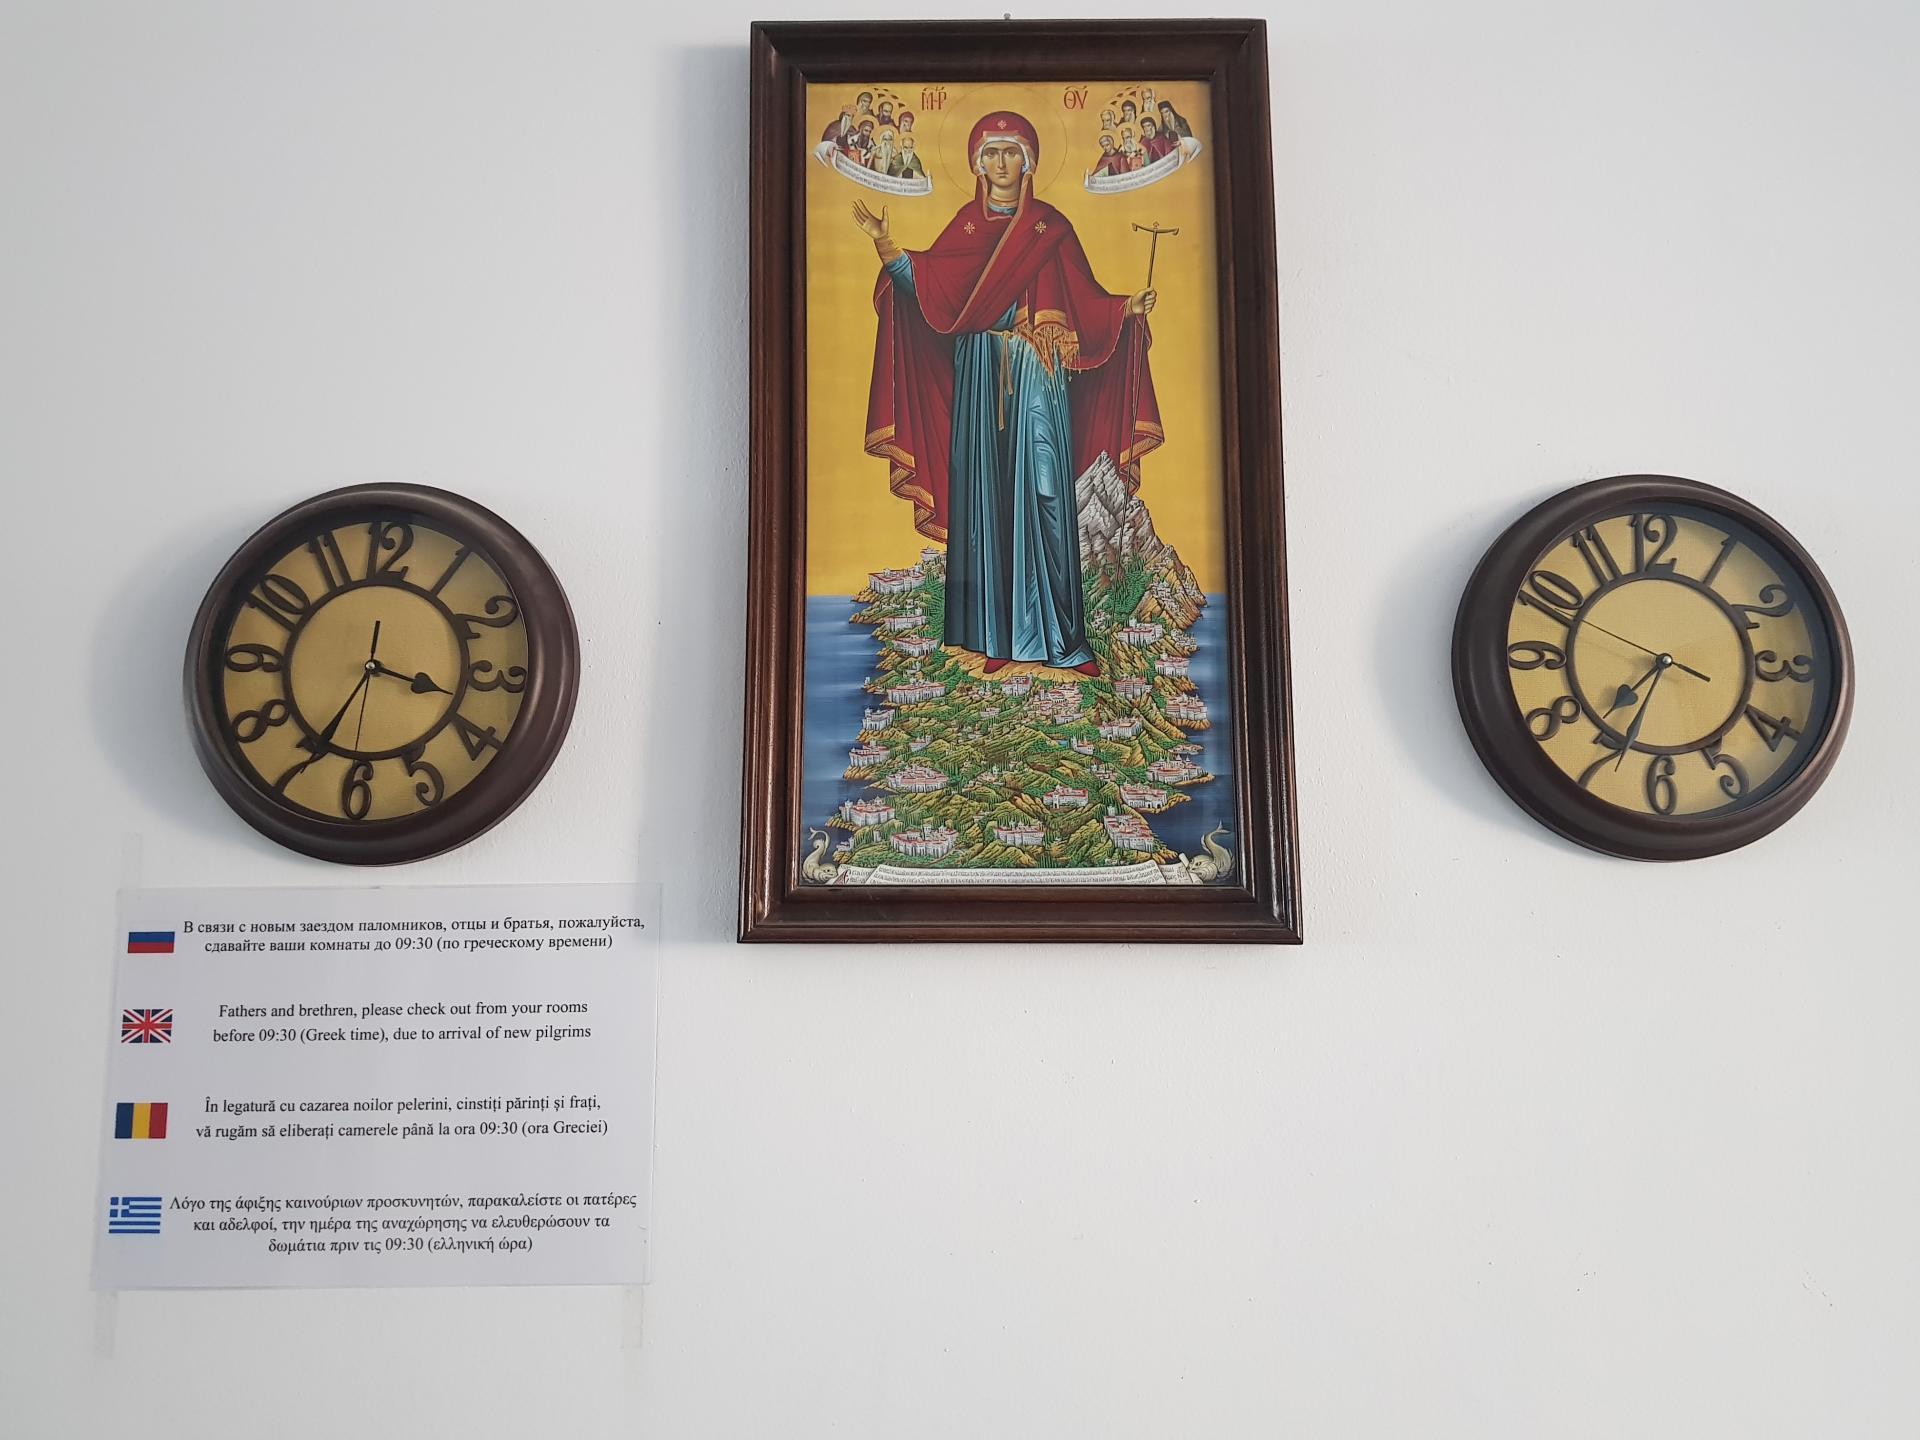 византийское время